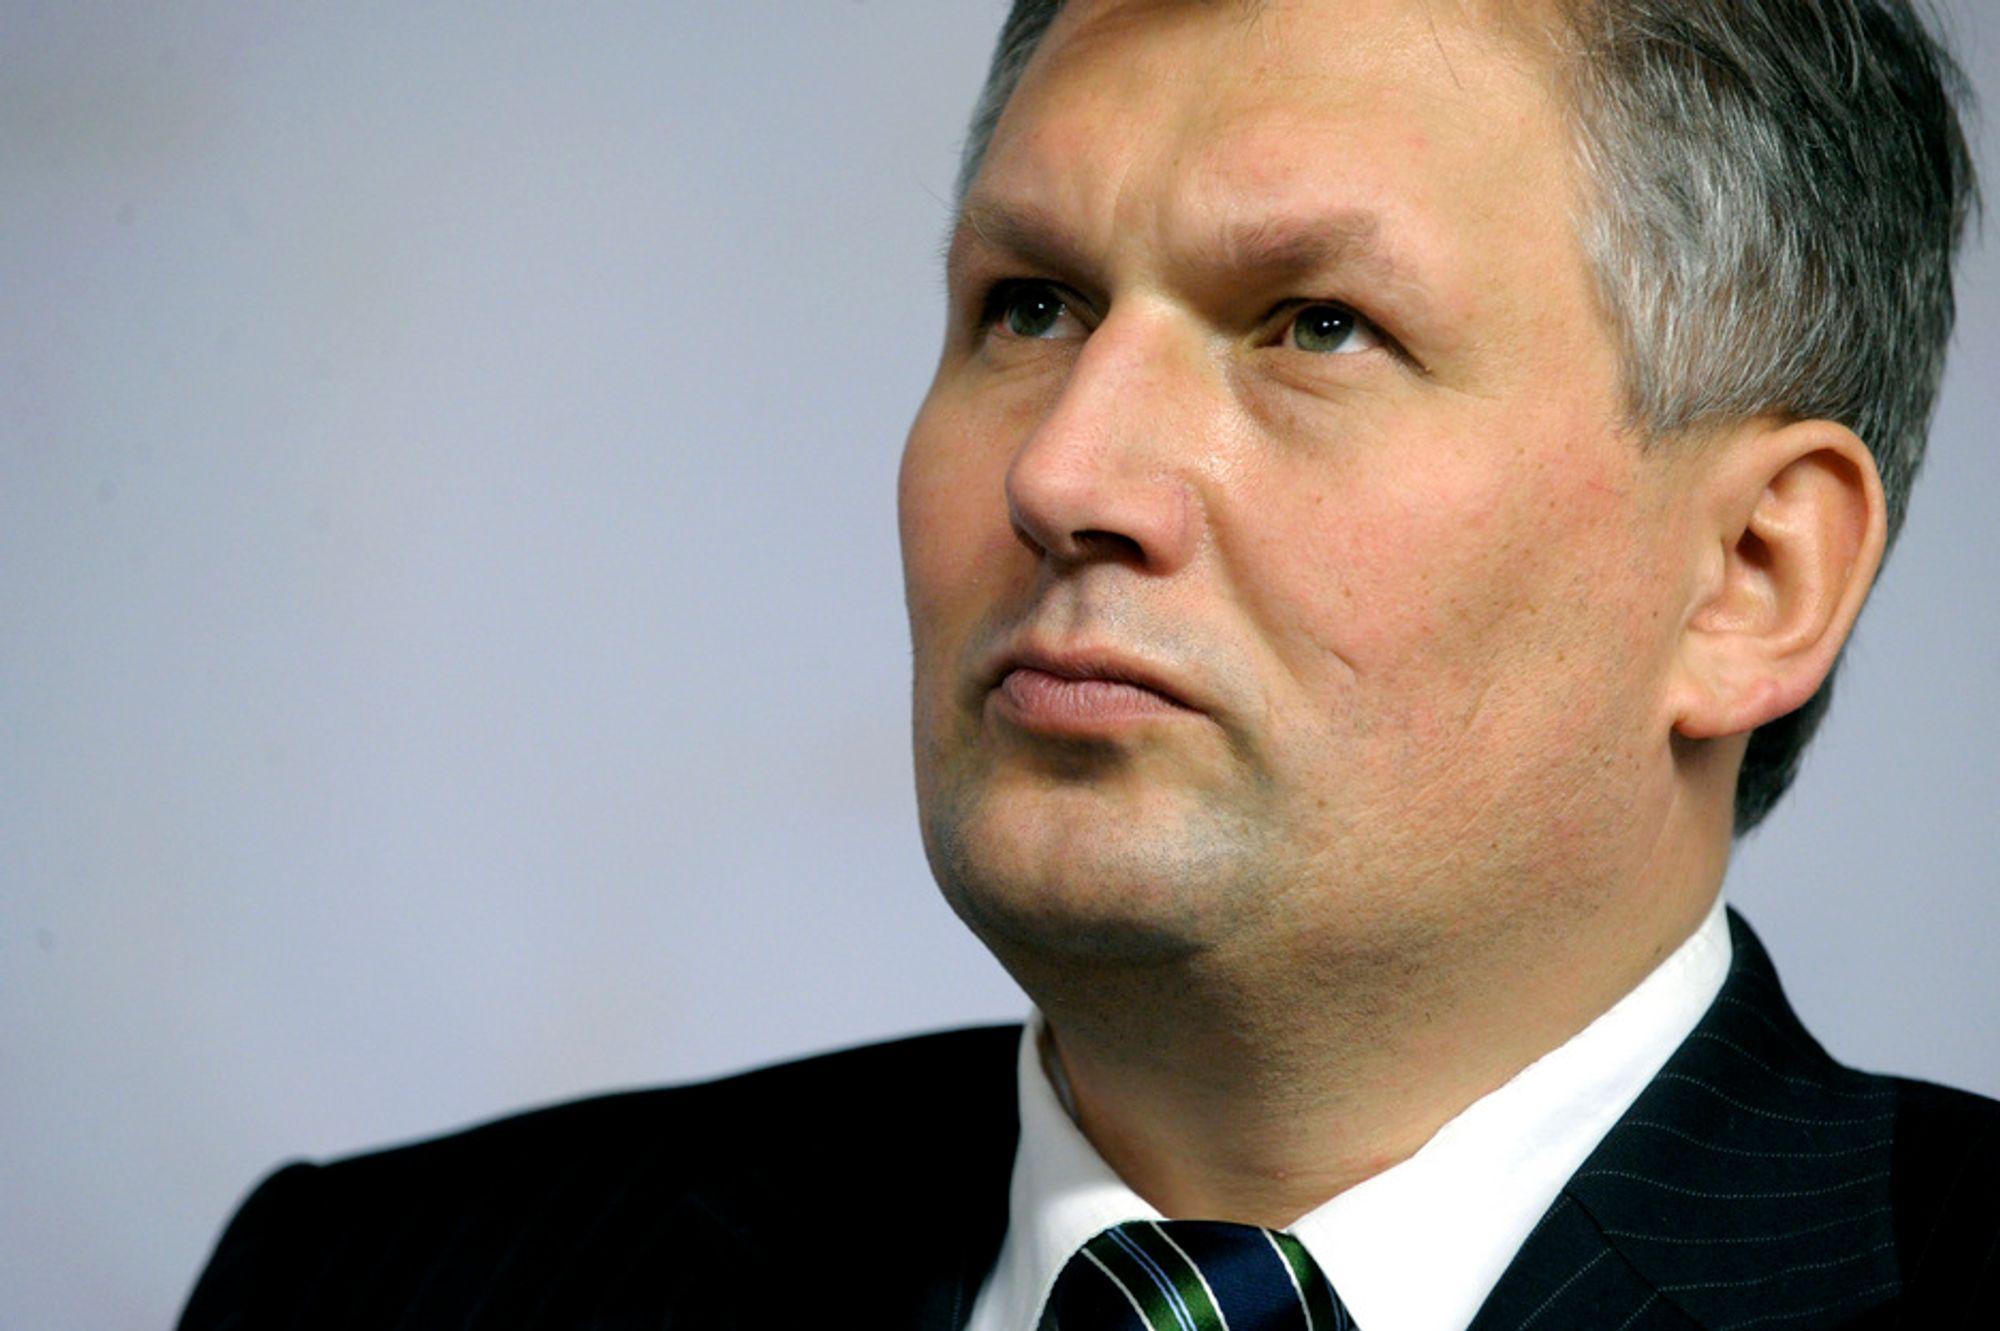 PASSLØS: Terje Riis-Johansen skulle vært til stede på Intsoks olje- og gasskonferanse i St. Petersburg i dag, men det gikk ikke med utgått diplomatpass.